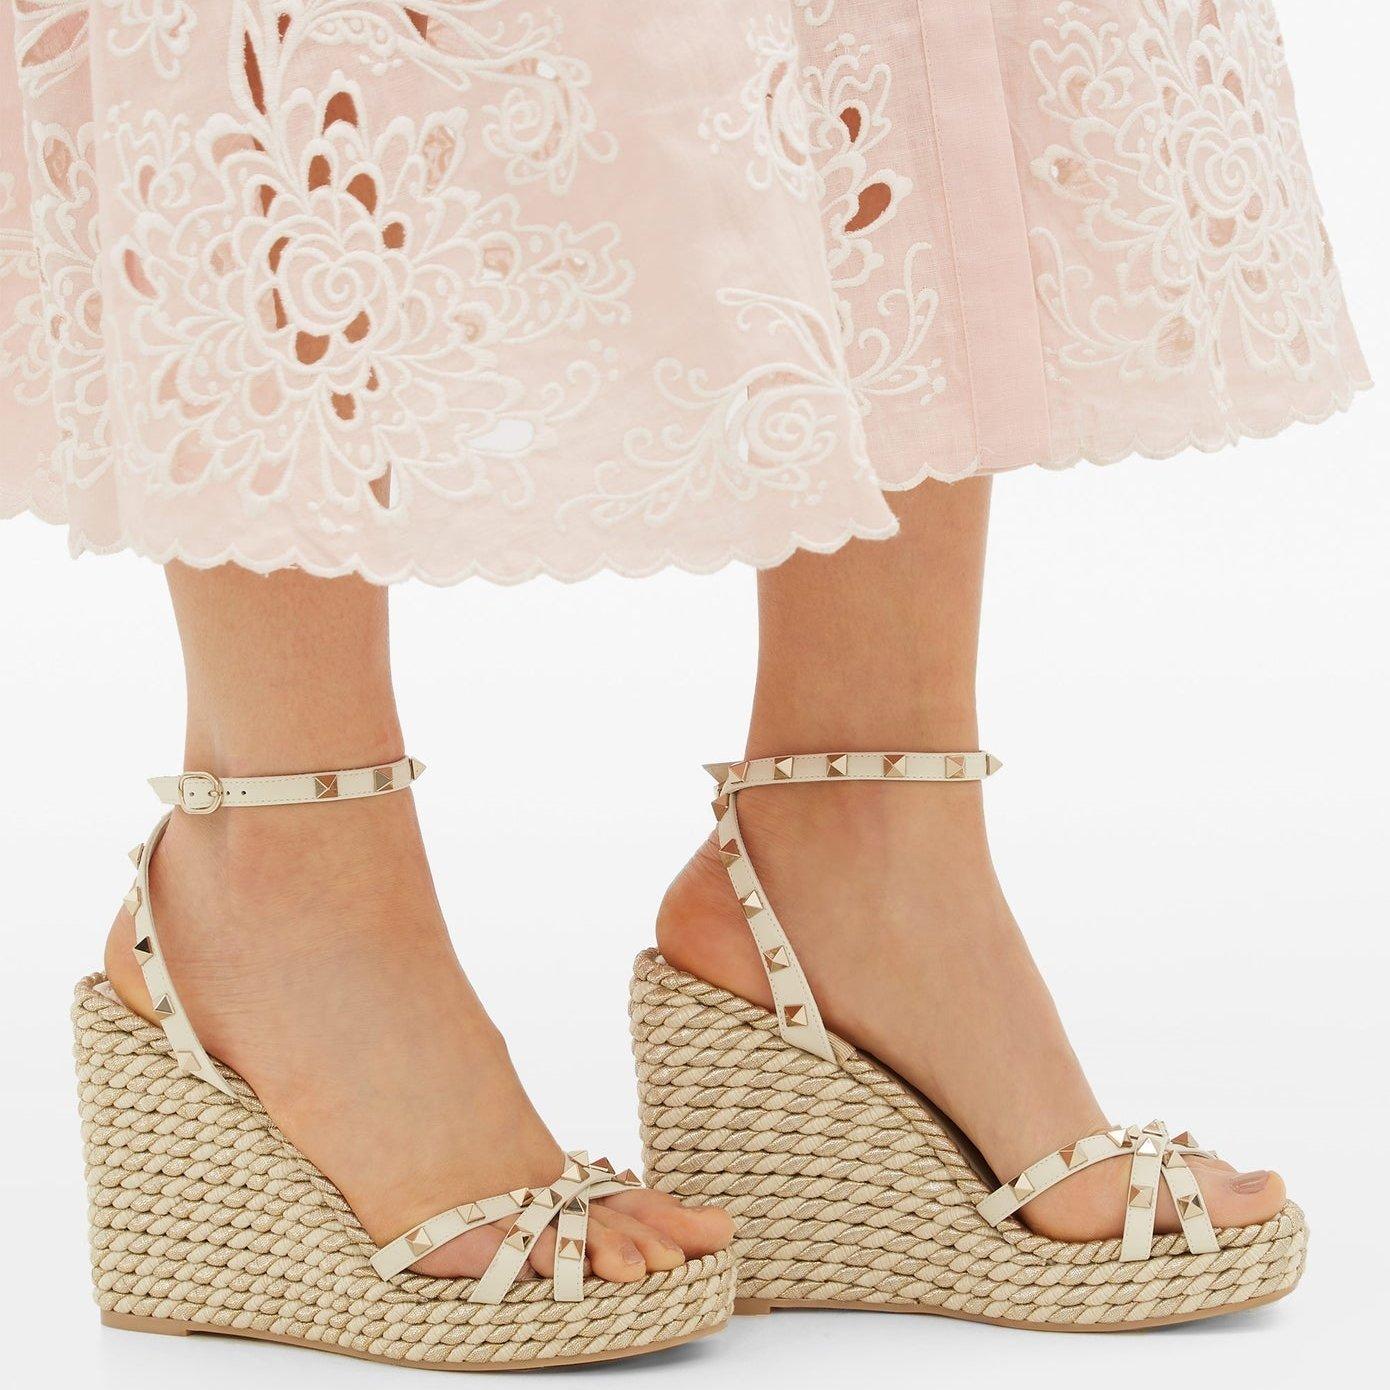 Valentino Garavani's gold Torchon sandals worn with Zimmermann's pale-pink Freja shirt dress